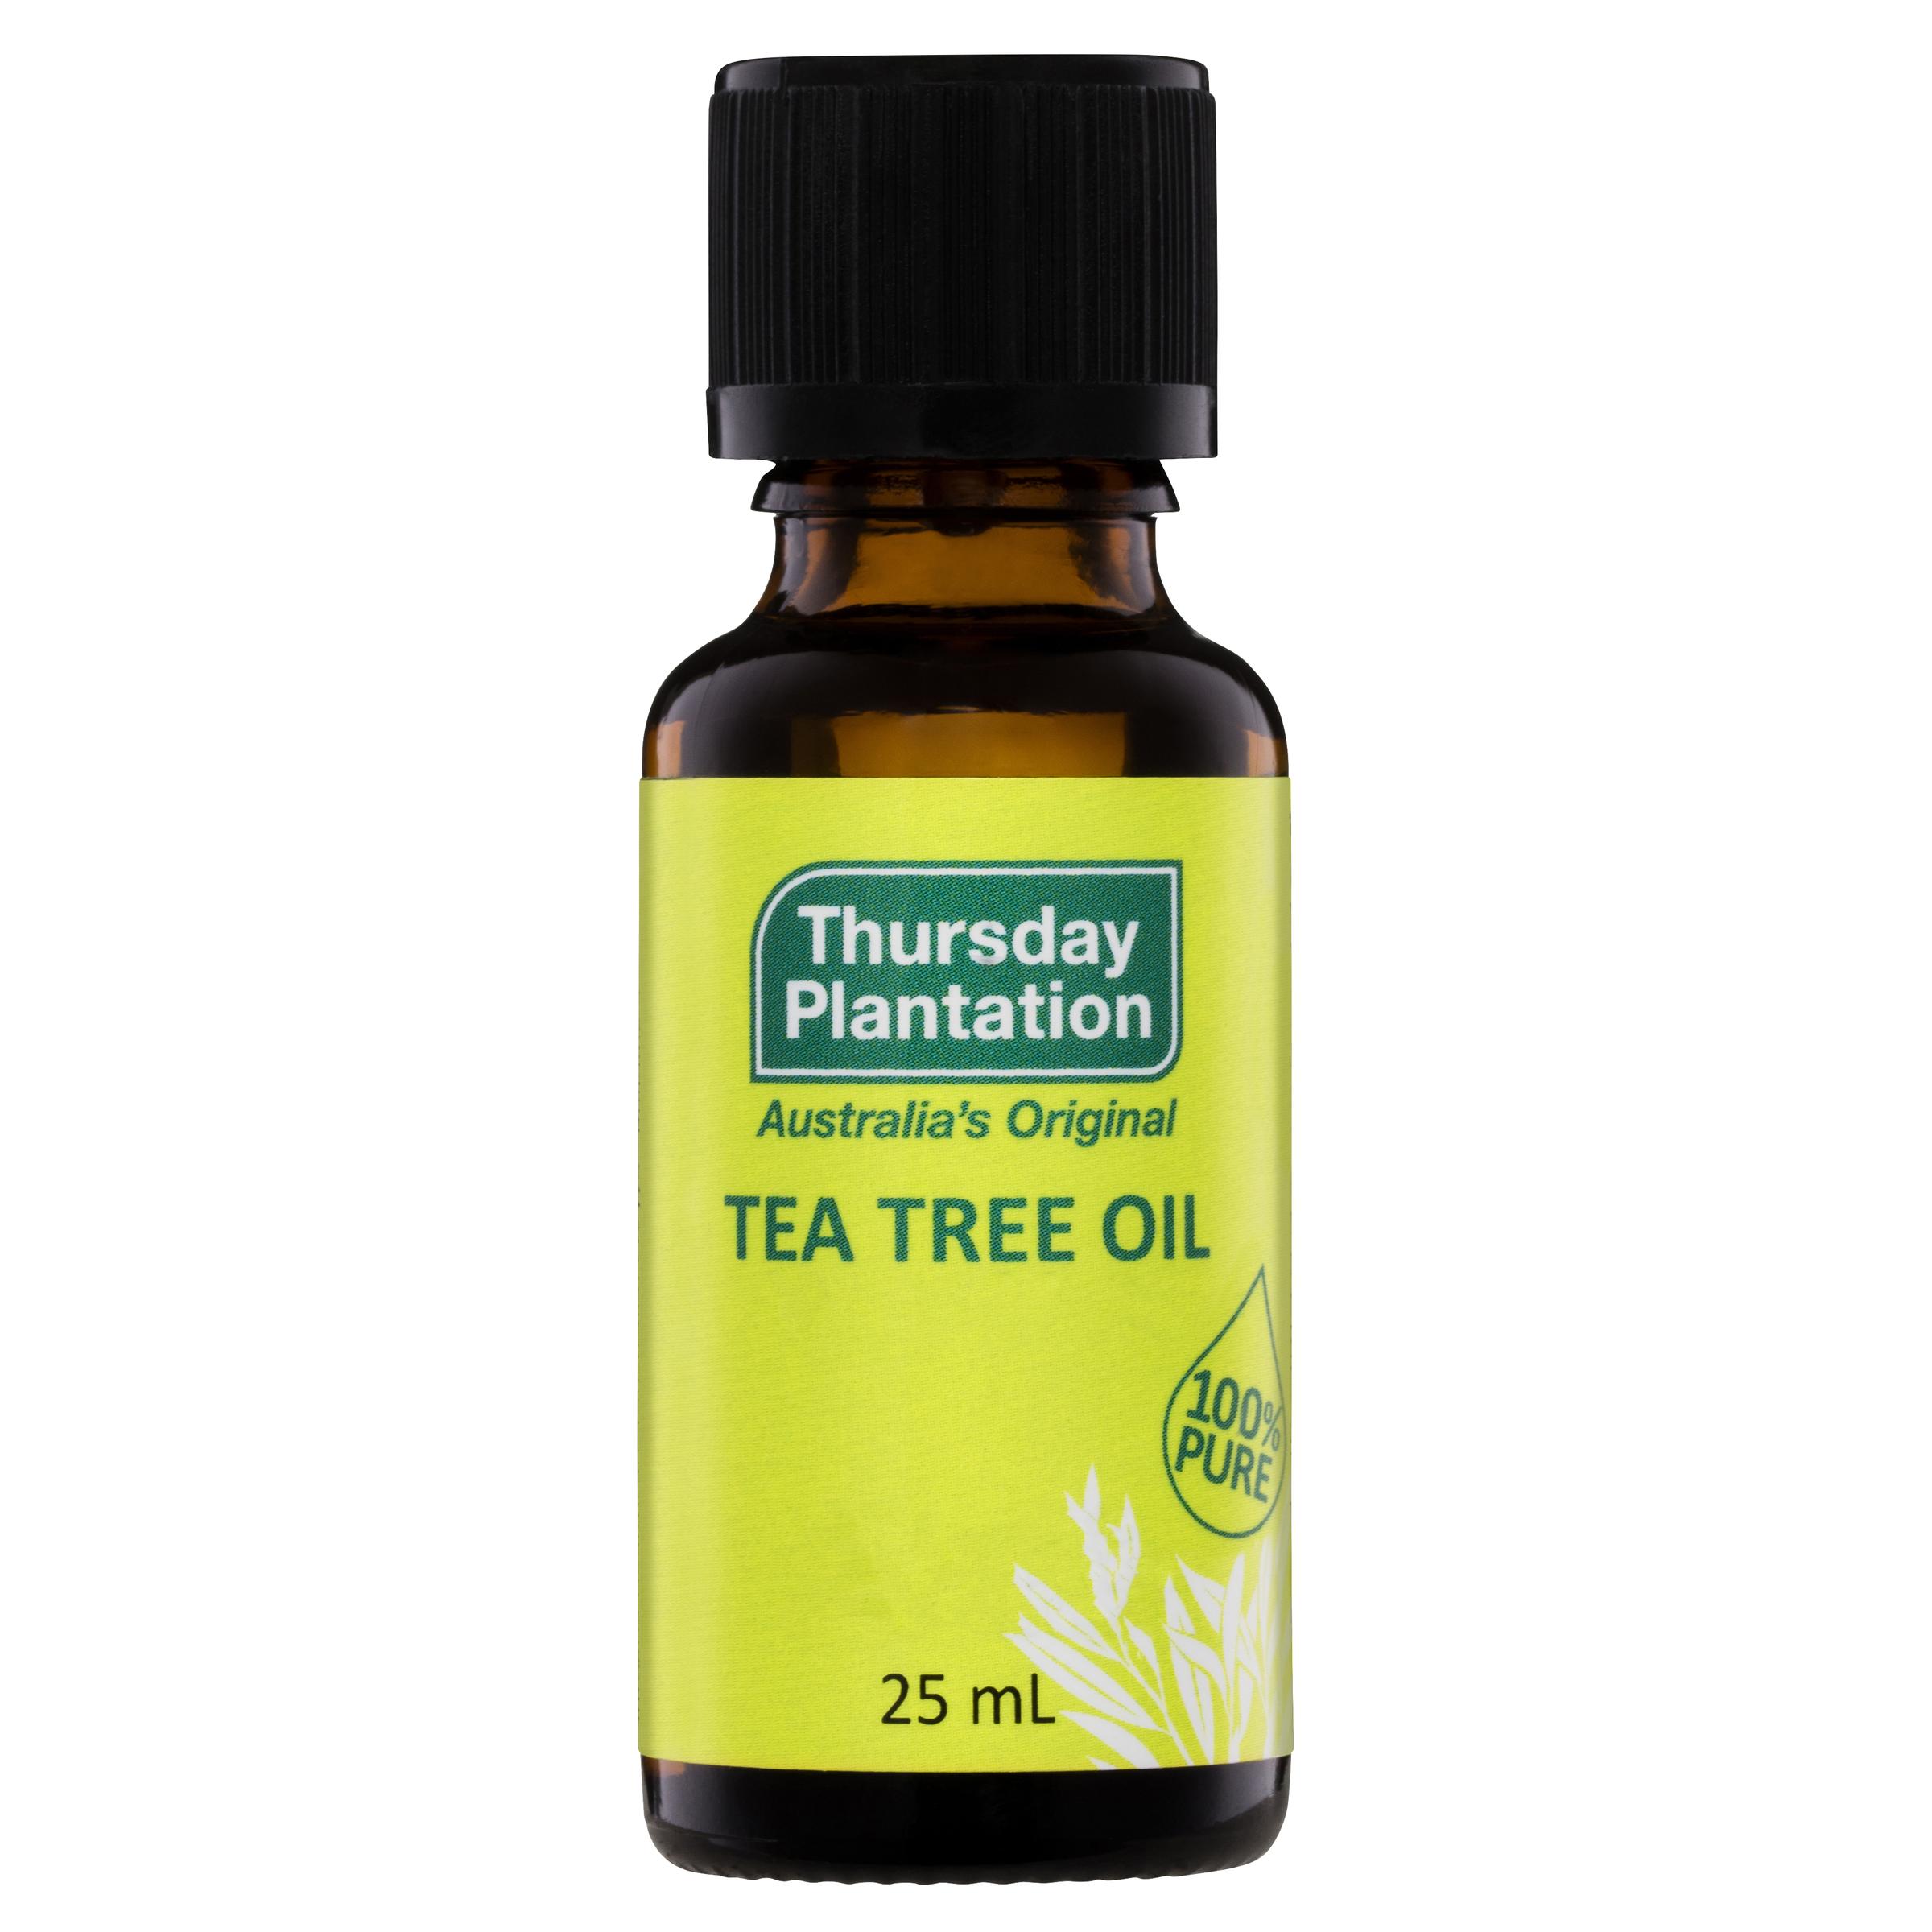 Image of Thursday Plantation 100% Pure Tea Tree Oil 25ml 1 bottle or 3 bottles